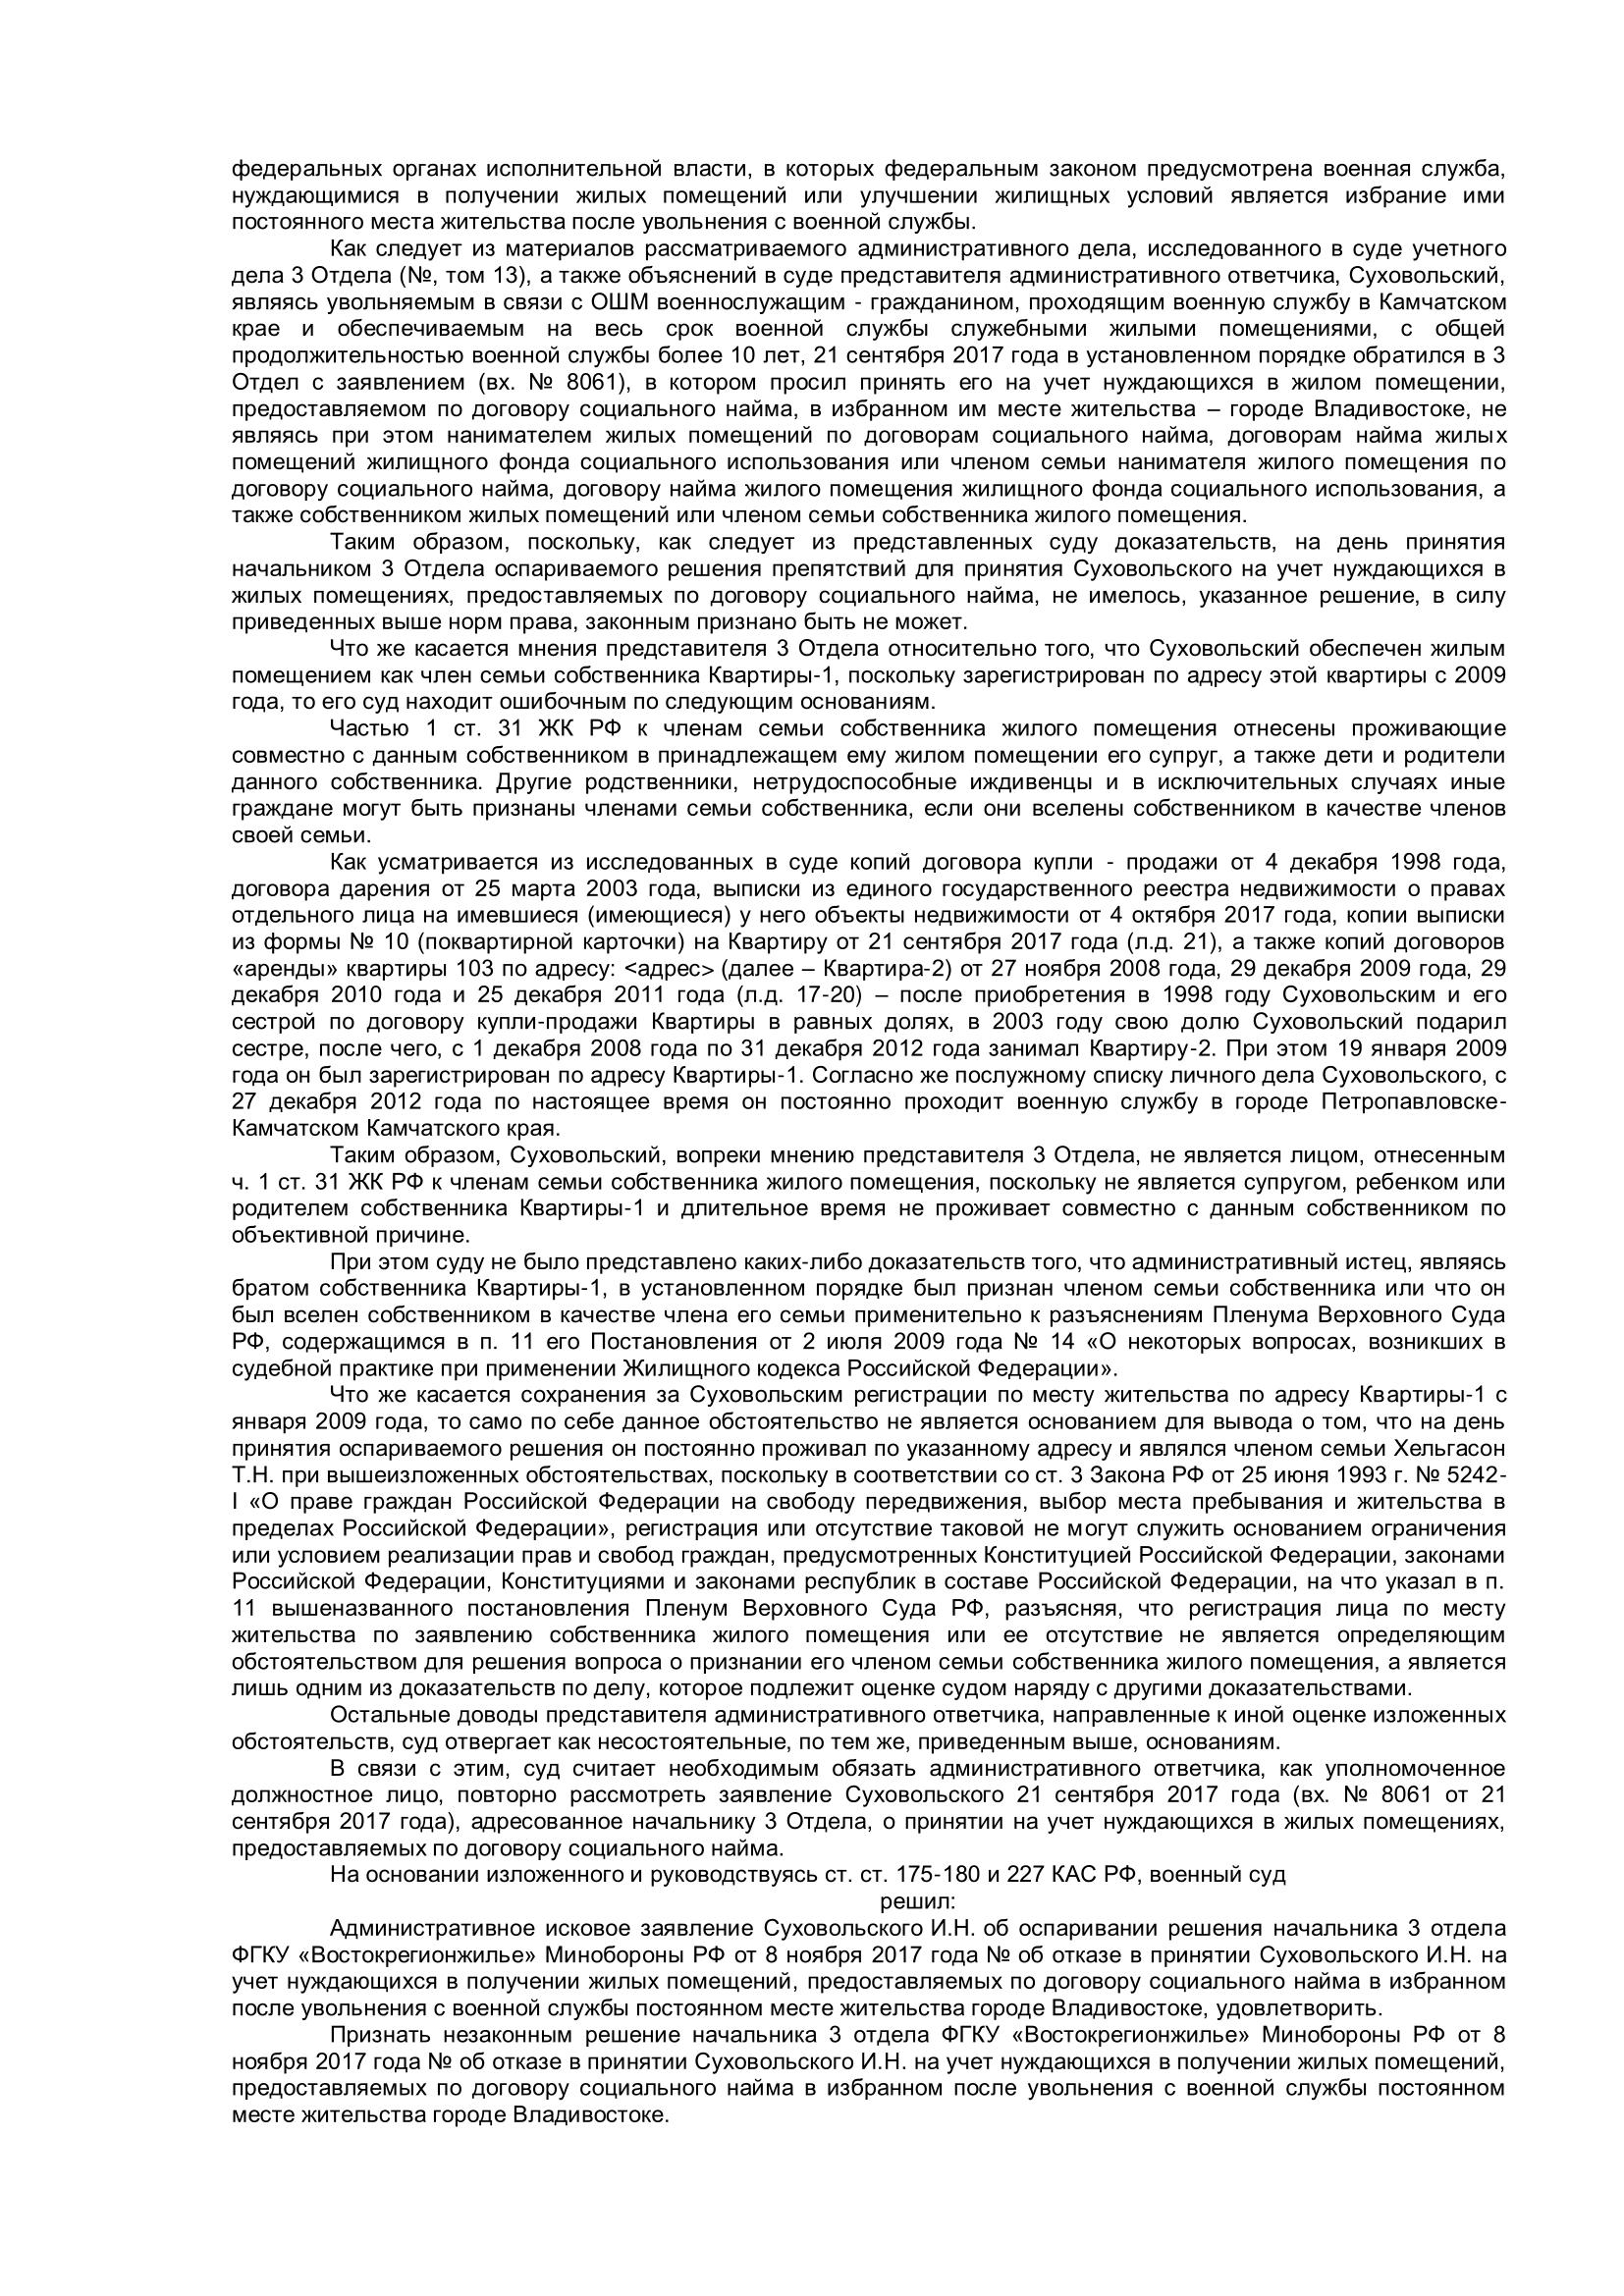 консультация юриста по жилью военнослужащего